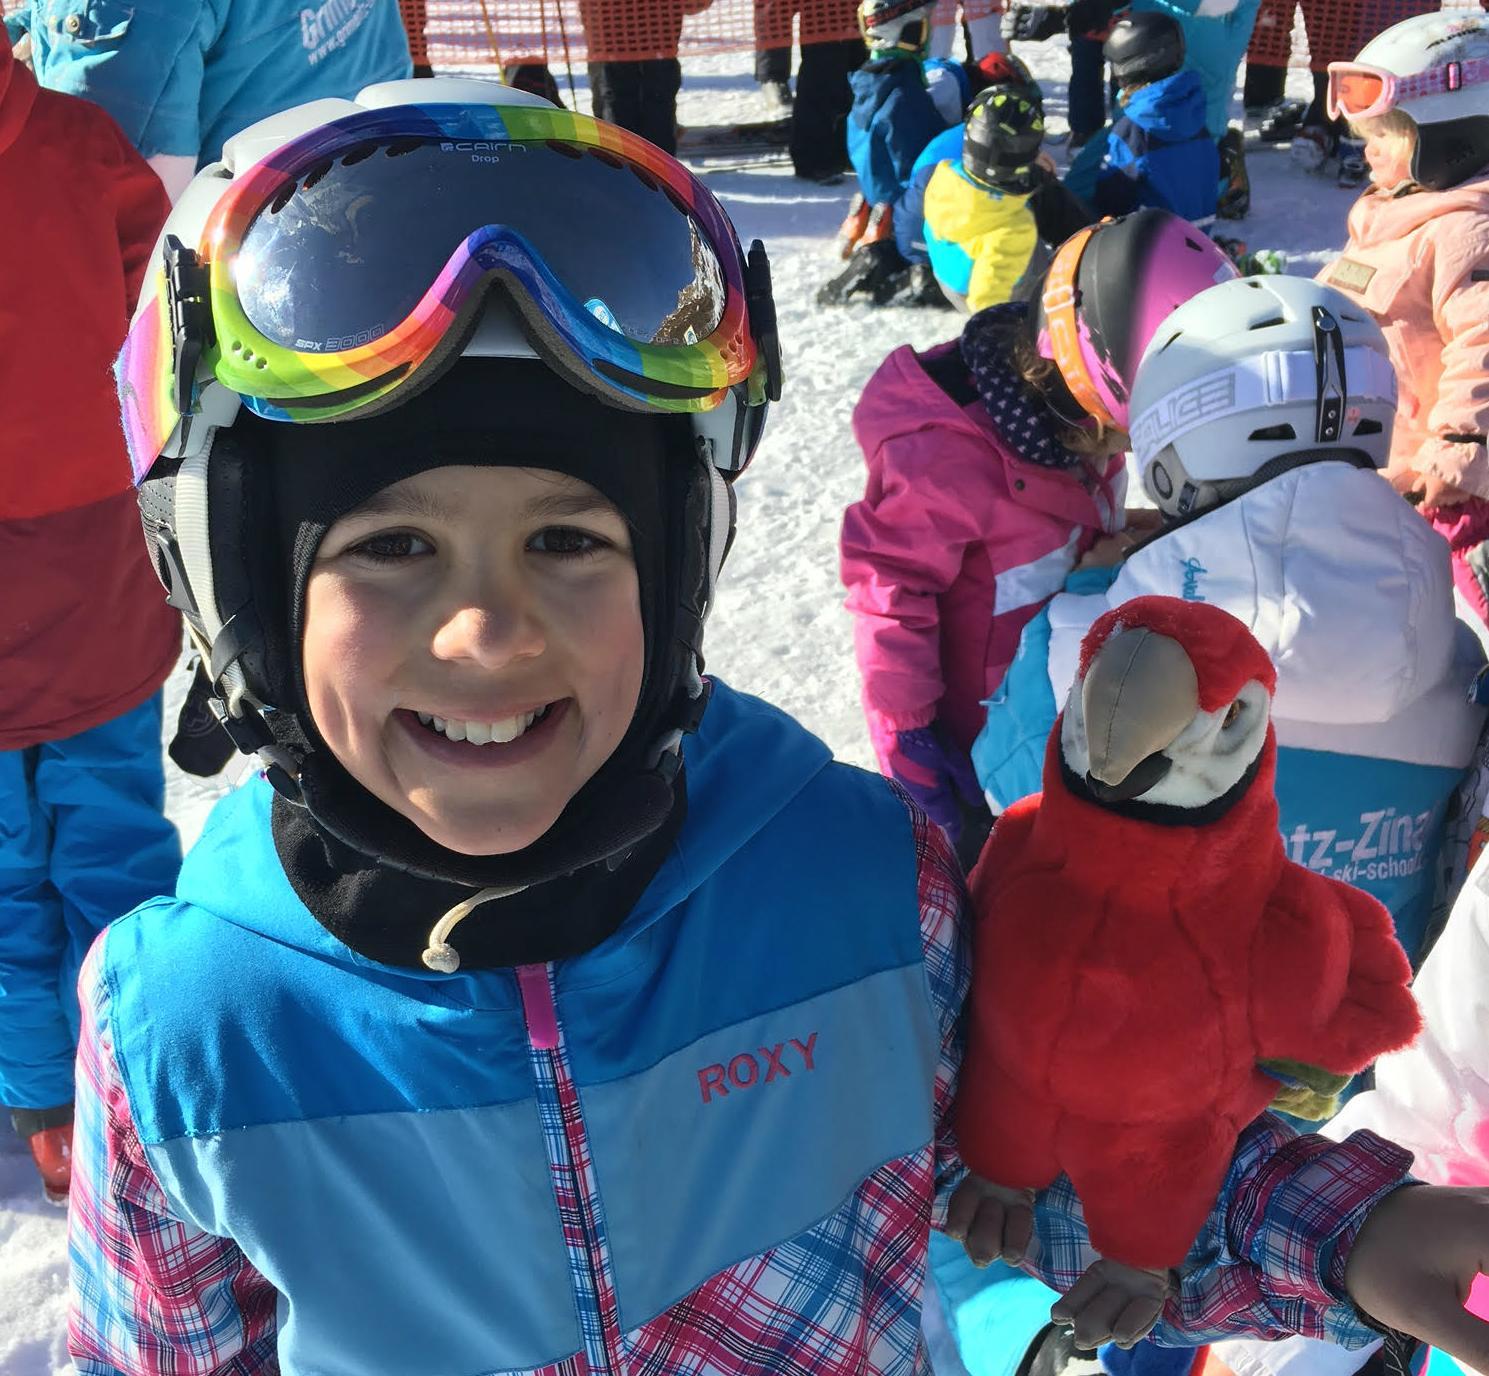 Cours de ski Enfants (5-17 ans) pour Tous niveaux - Matin